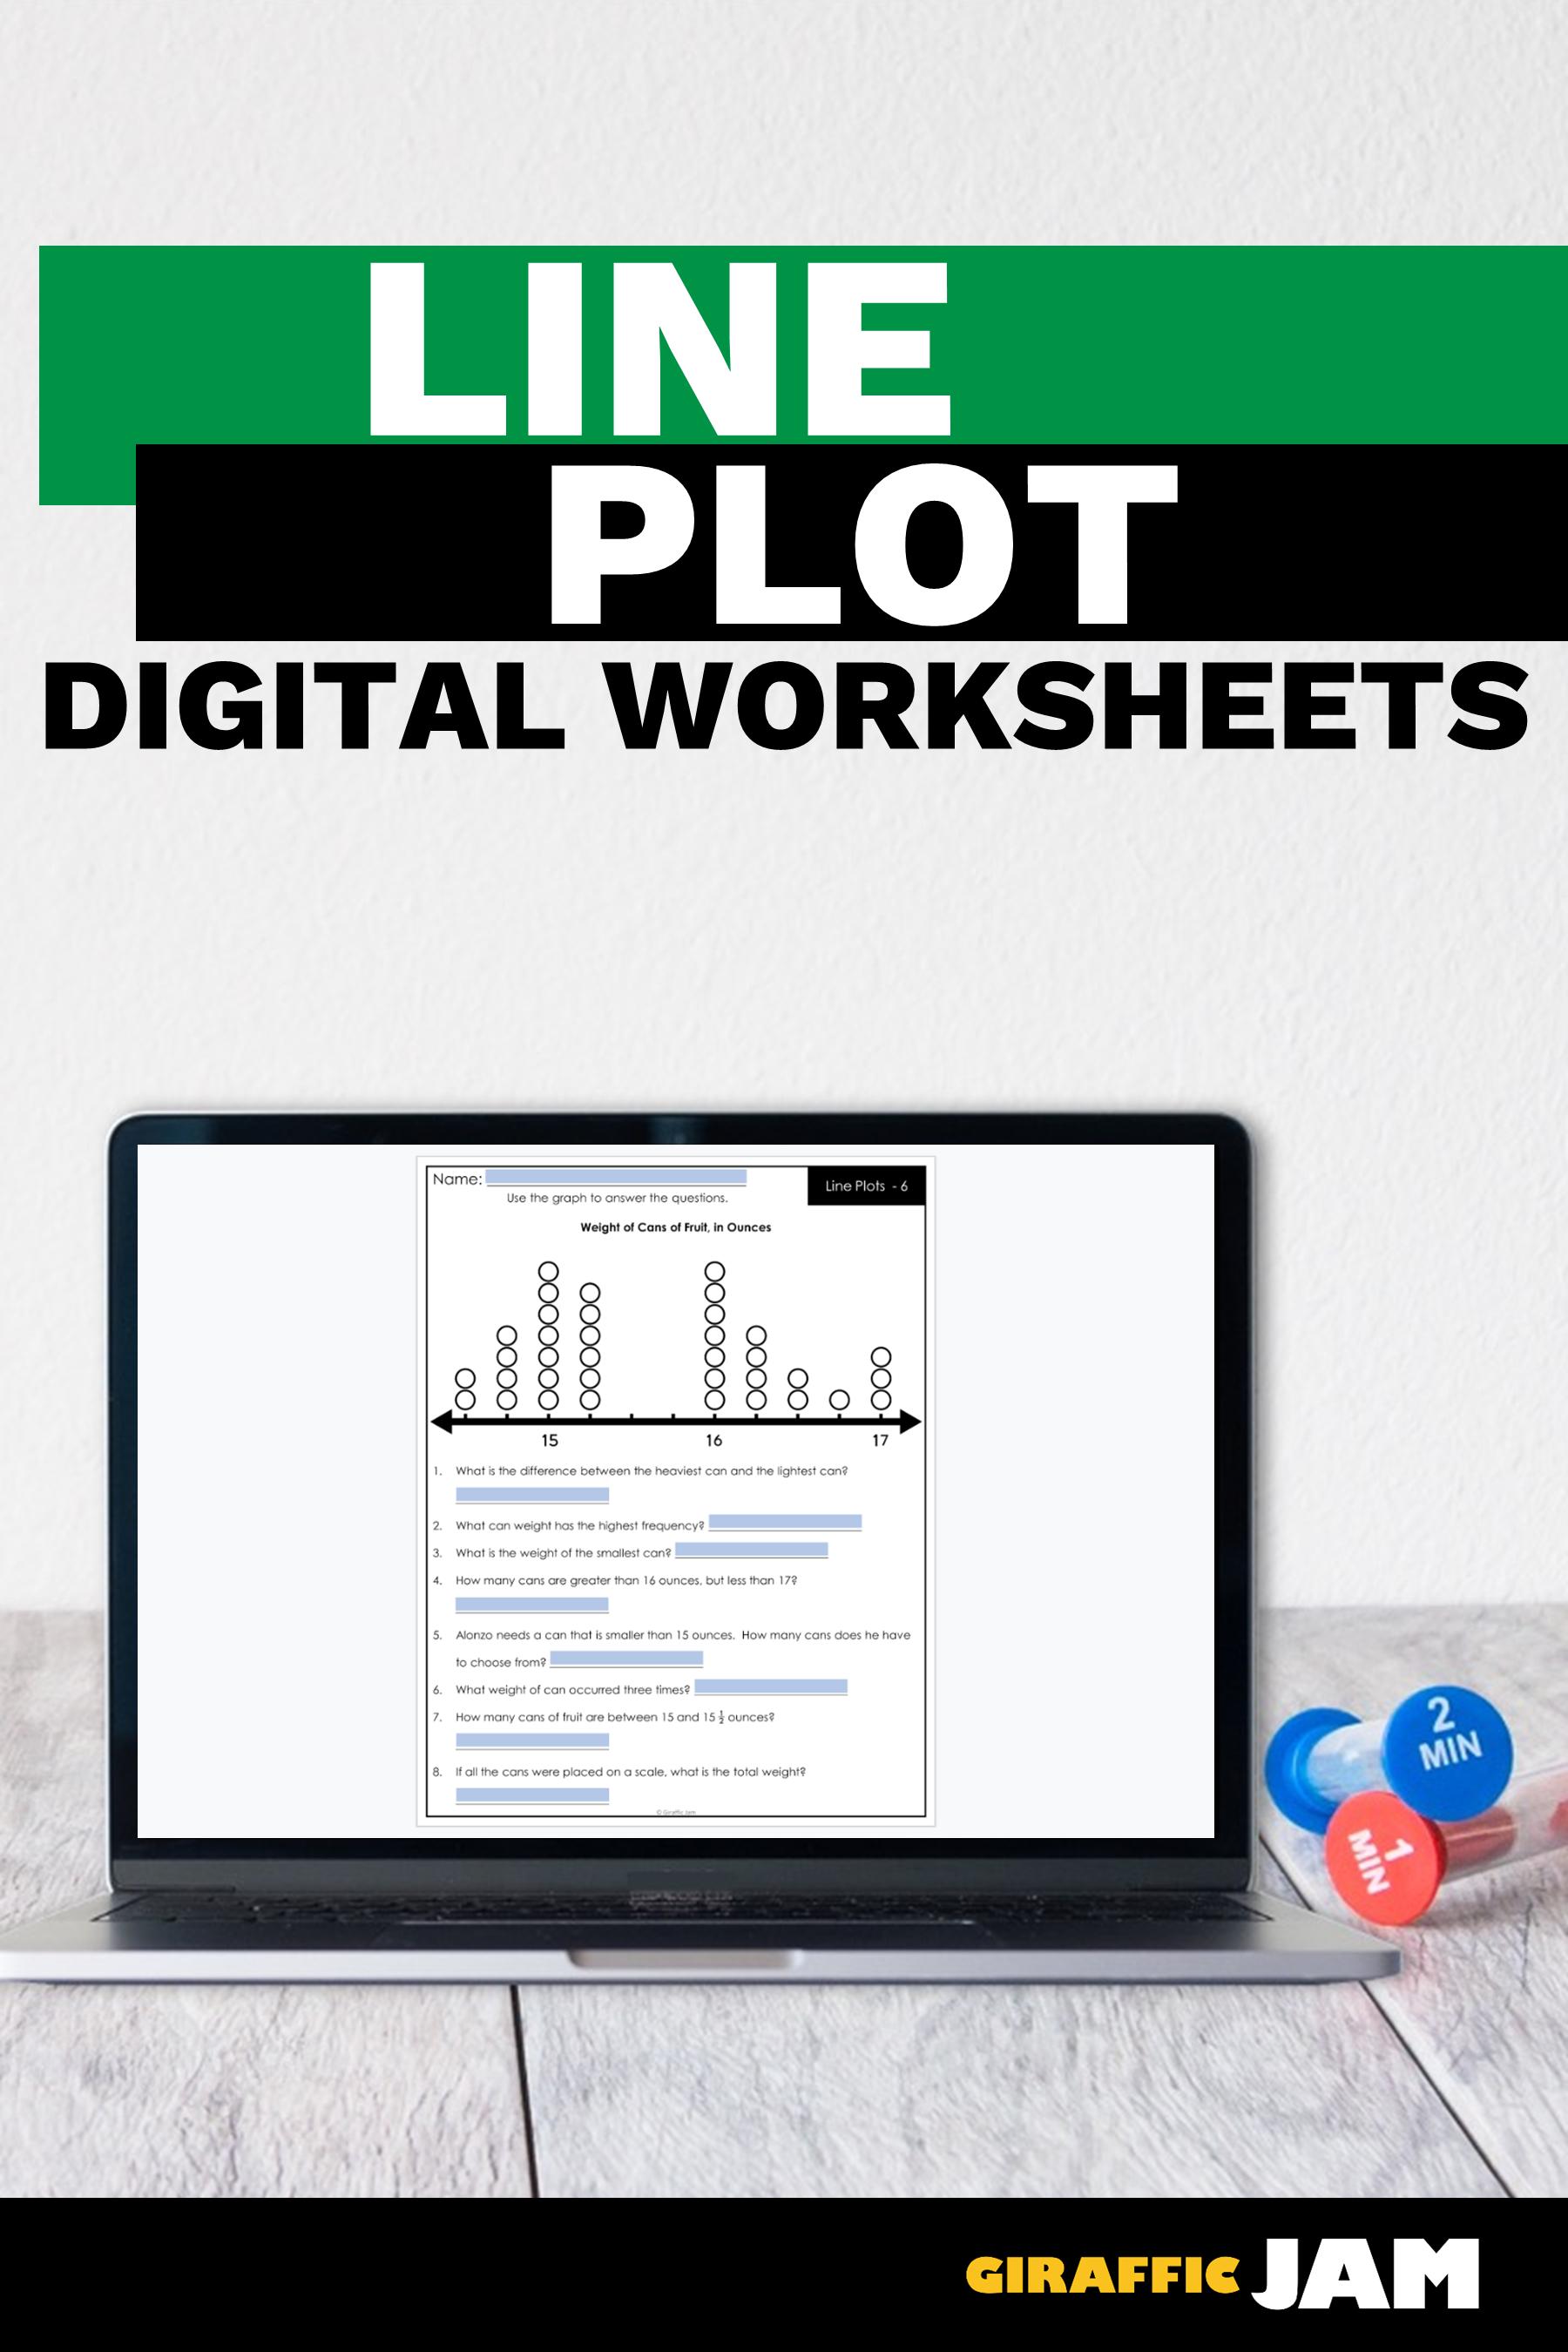 4th Grade Measurement Measurement Worksheets Line Plots Interpreting Line Plots Line Plot Worksheets Measurement Activities Google Classroom Activities [ 2700 x 1800 Pixel ]